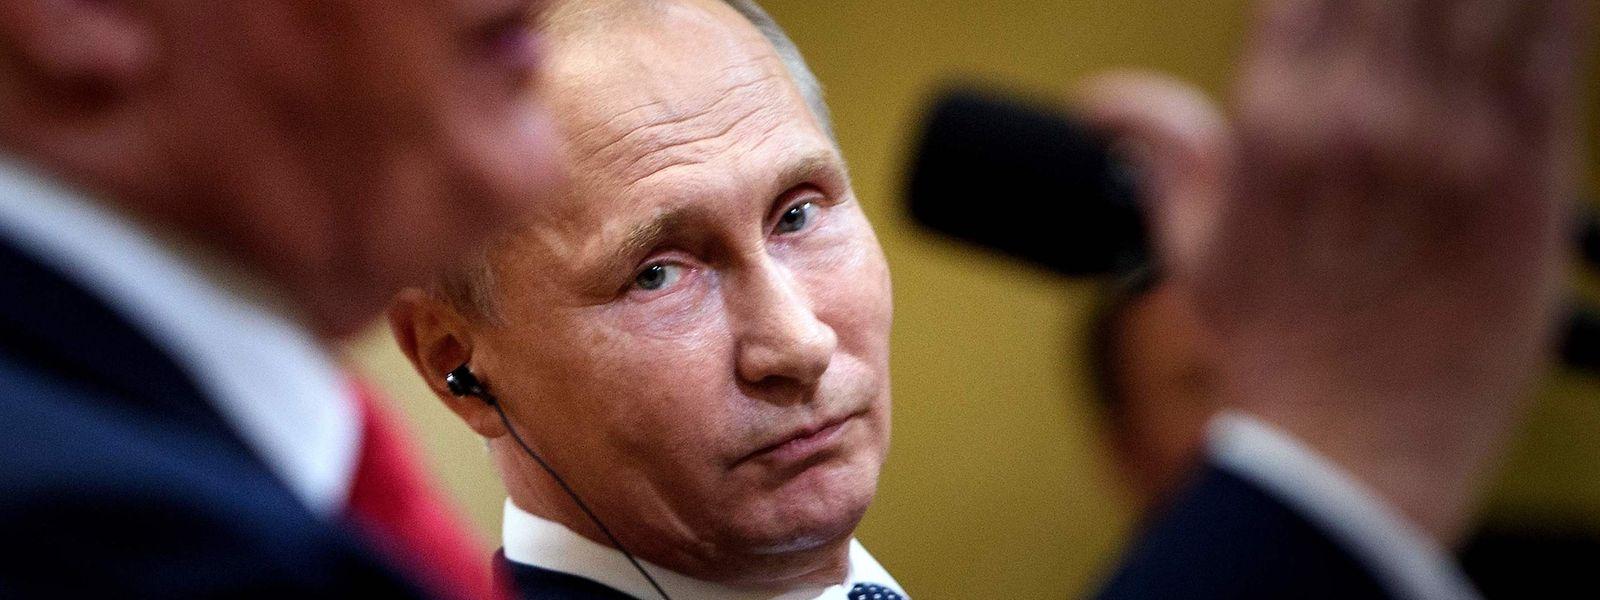 Putin bei der gemeinsamen Pressekonferenz mit Trump.